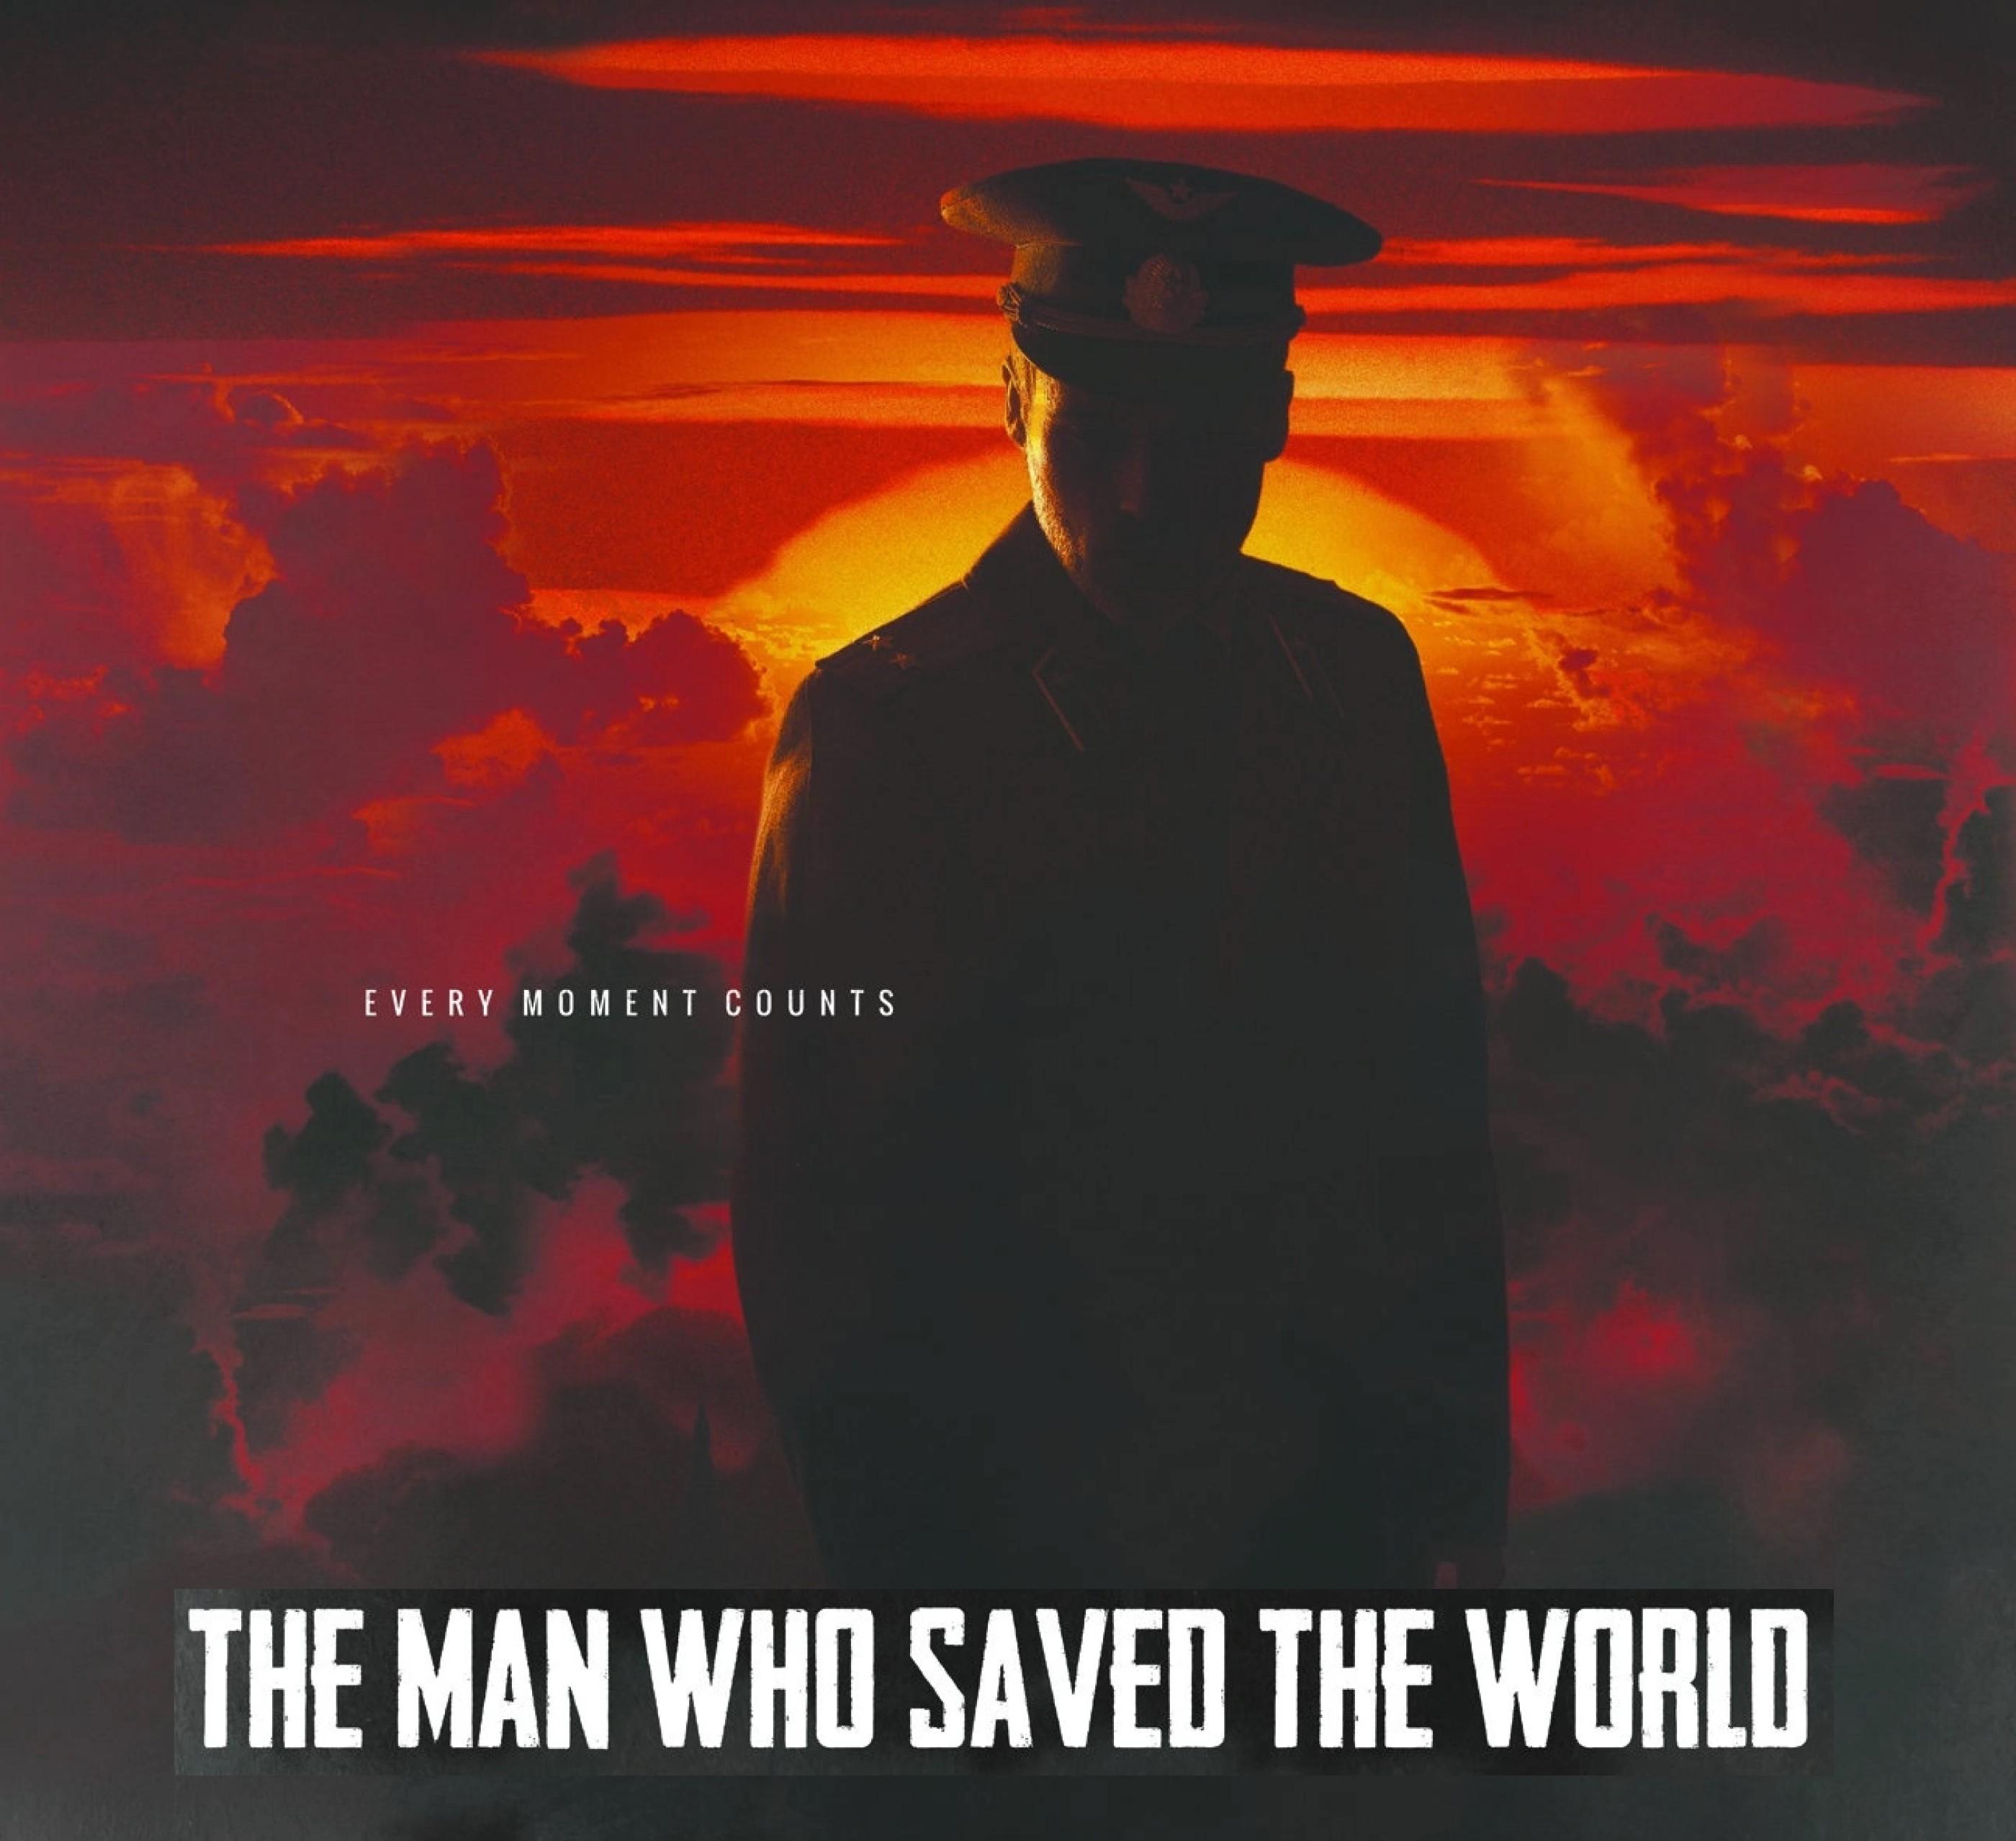 如果不是他阻止核战危机,拯救了世界,人类将遭受怎样的劫难?